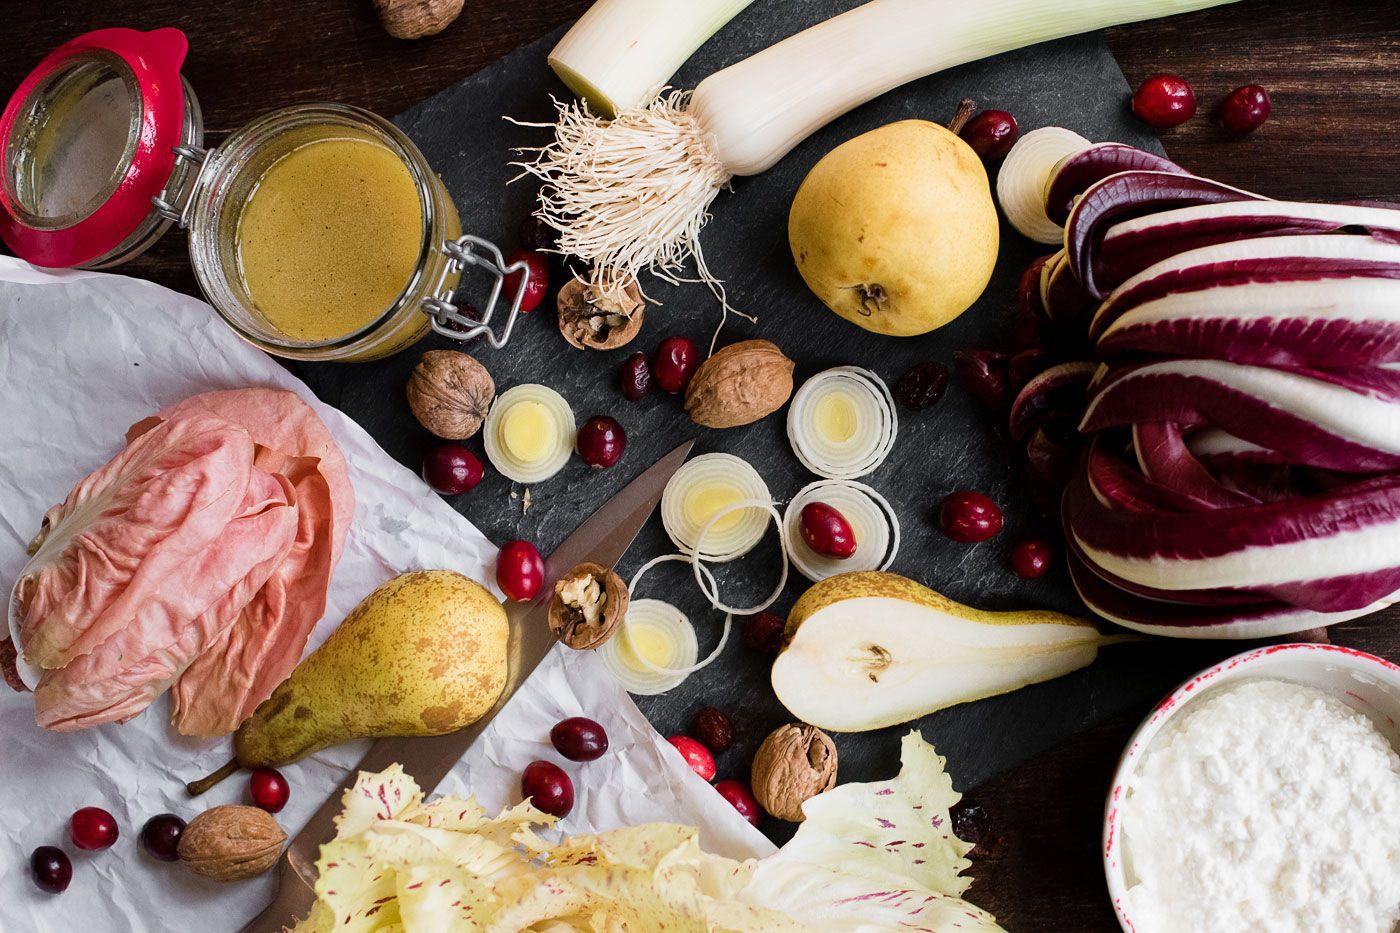 Food: Radicchio Salad with Cranberries   Mood For Style - Fashion, Food, Beauty & Lifestyleblog   Rezept für einen Wintersalat mit verschiedenen Radicchio-Blättern, Birne, Cranberrys, Lauch, Walnüssen und Hüttenkäse.